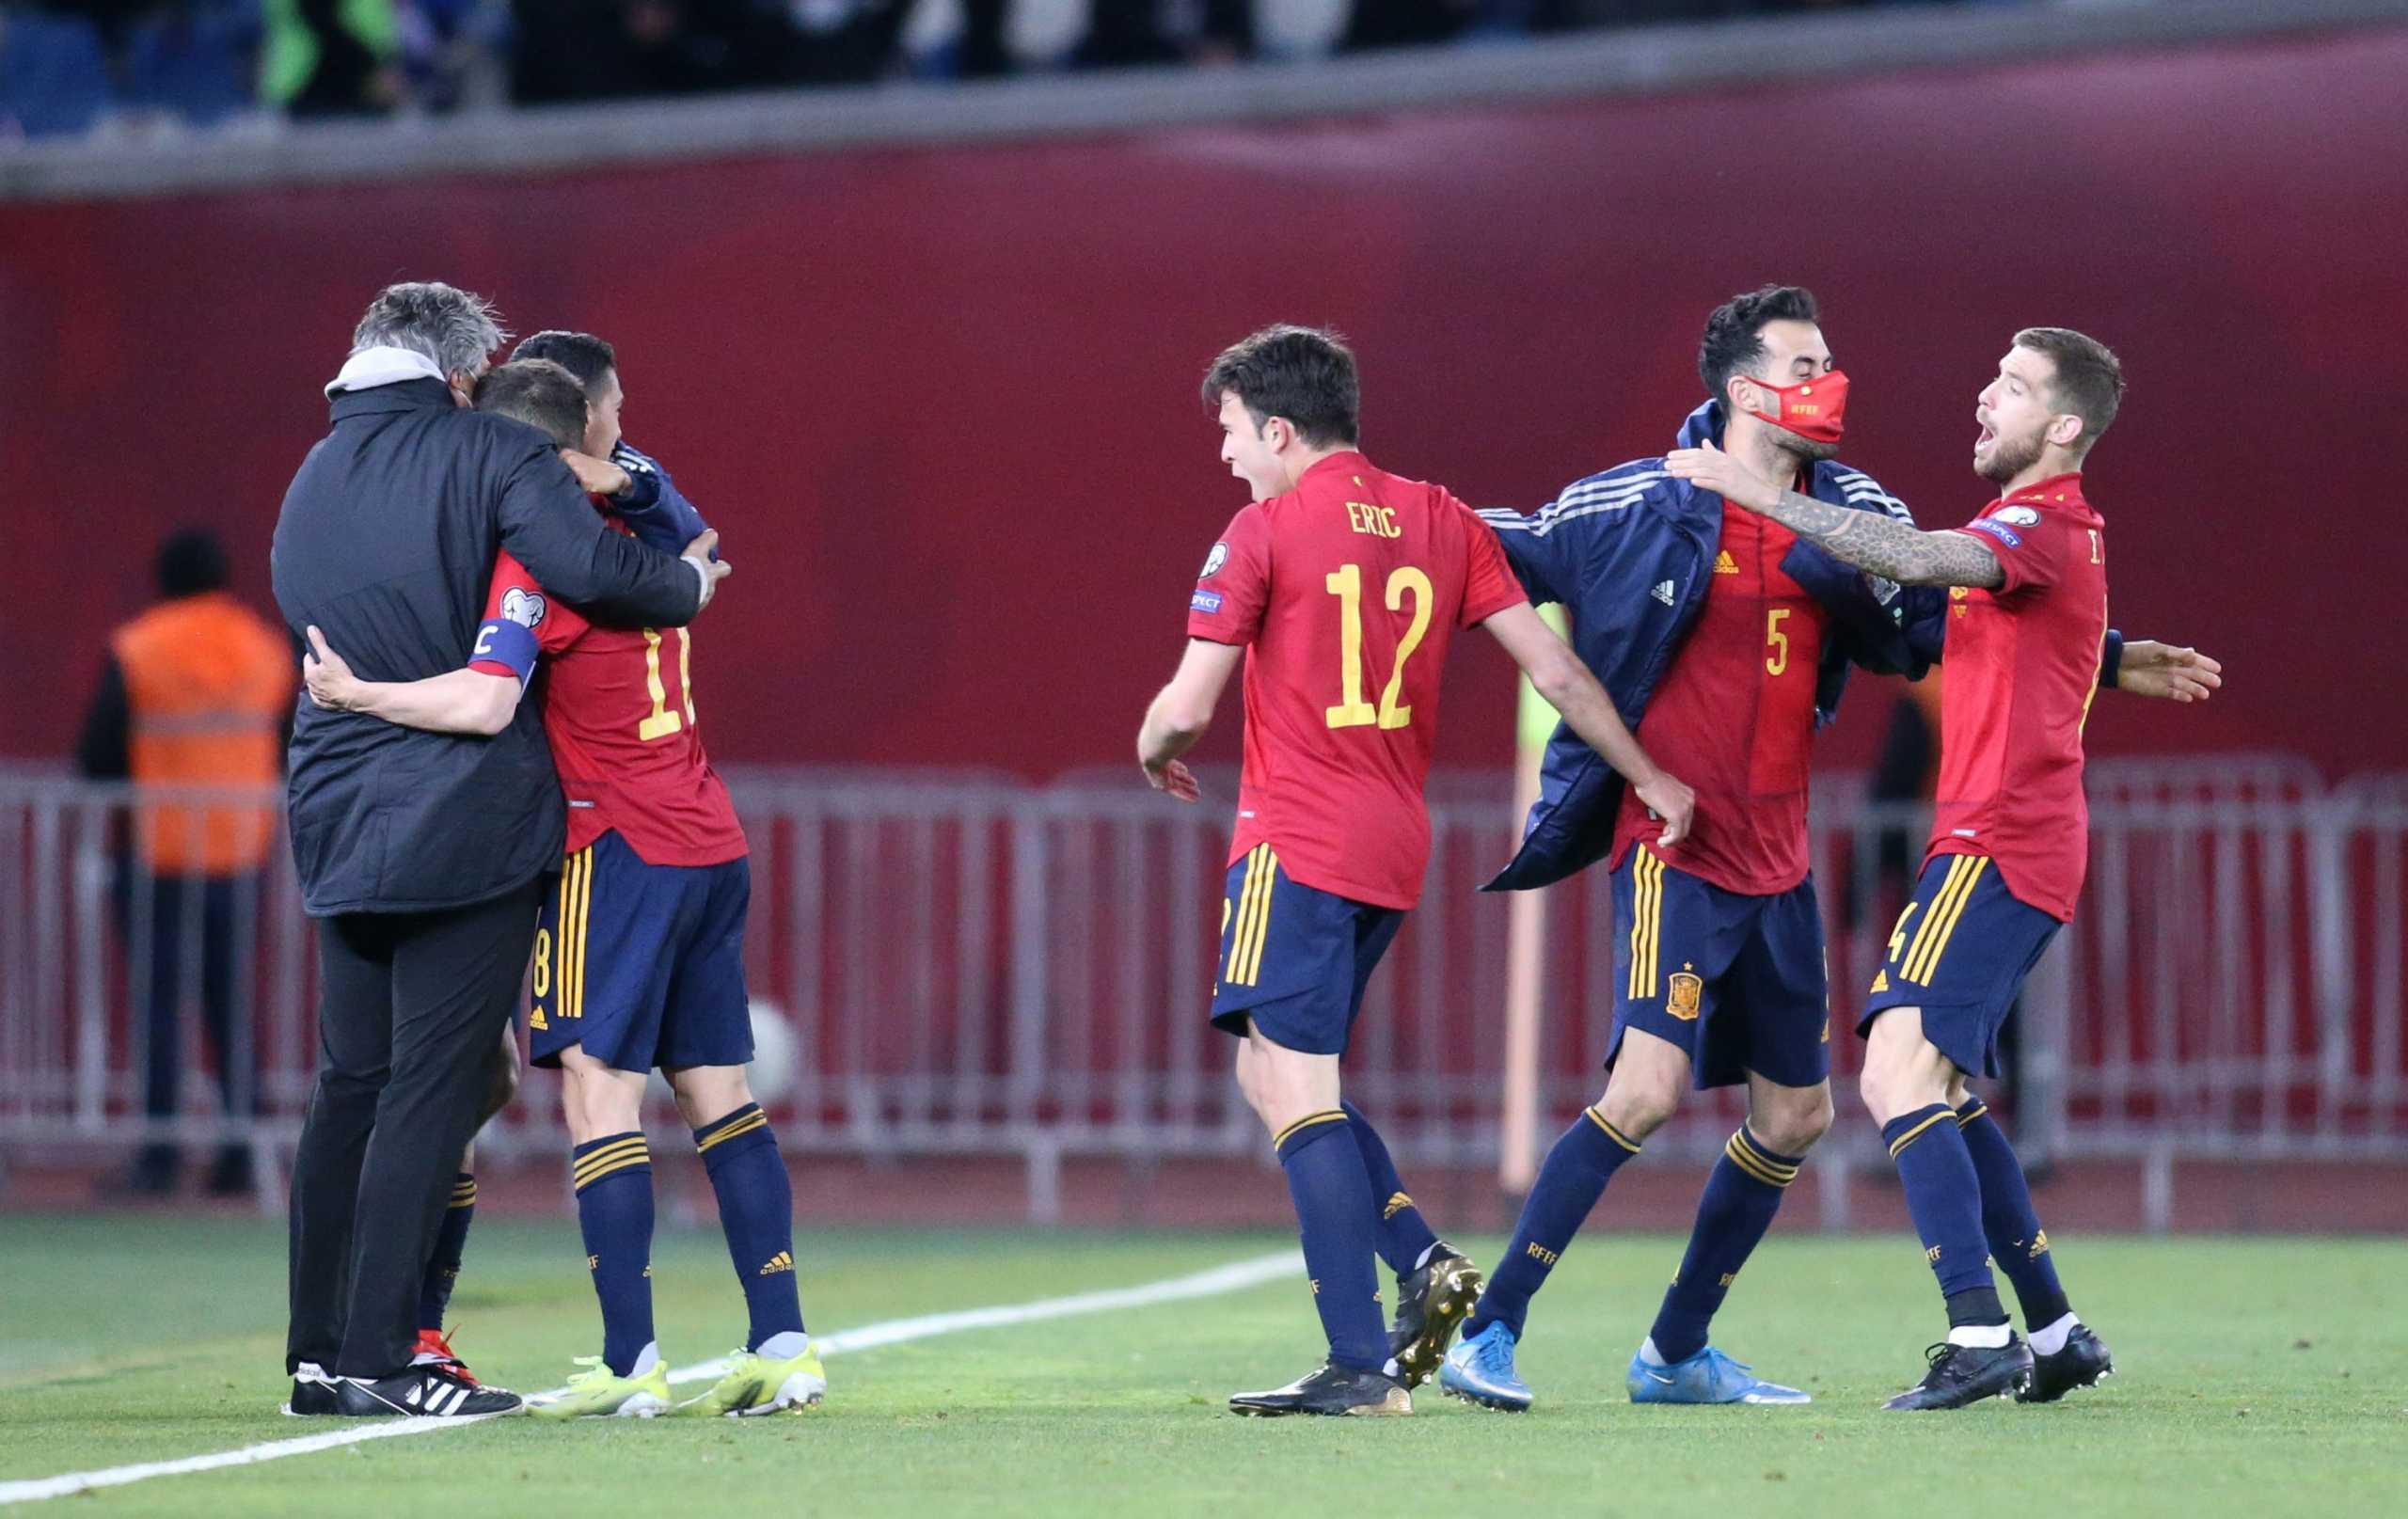 Προκριματικά Μουντιάλ: Λύτρωση στο 92′ για Ισπανία, η βαθμολογία στον όμιλο της Εθνικής Ελλάδας (video)